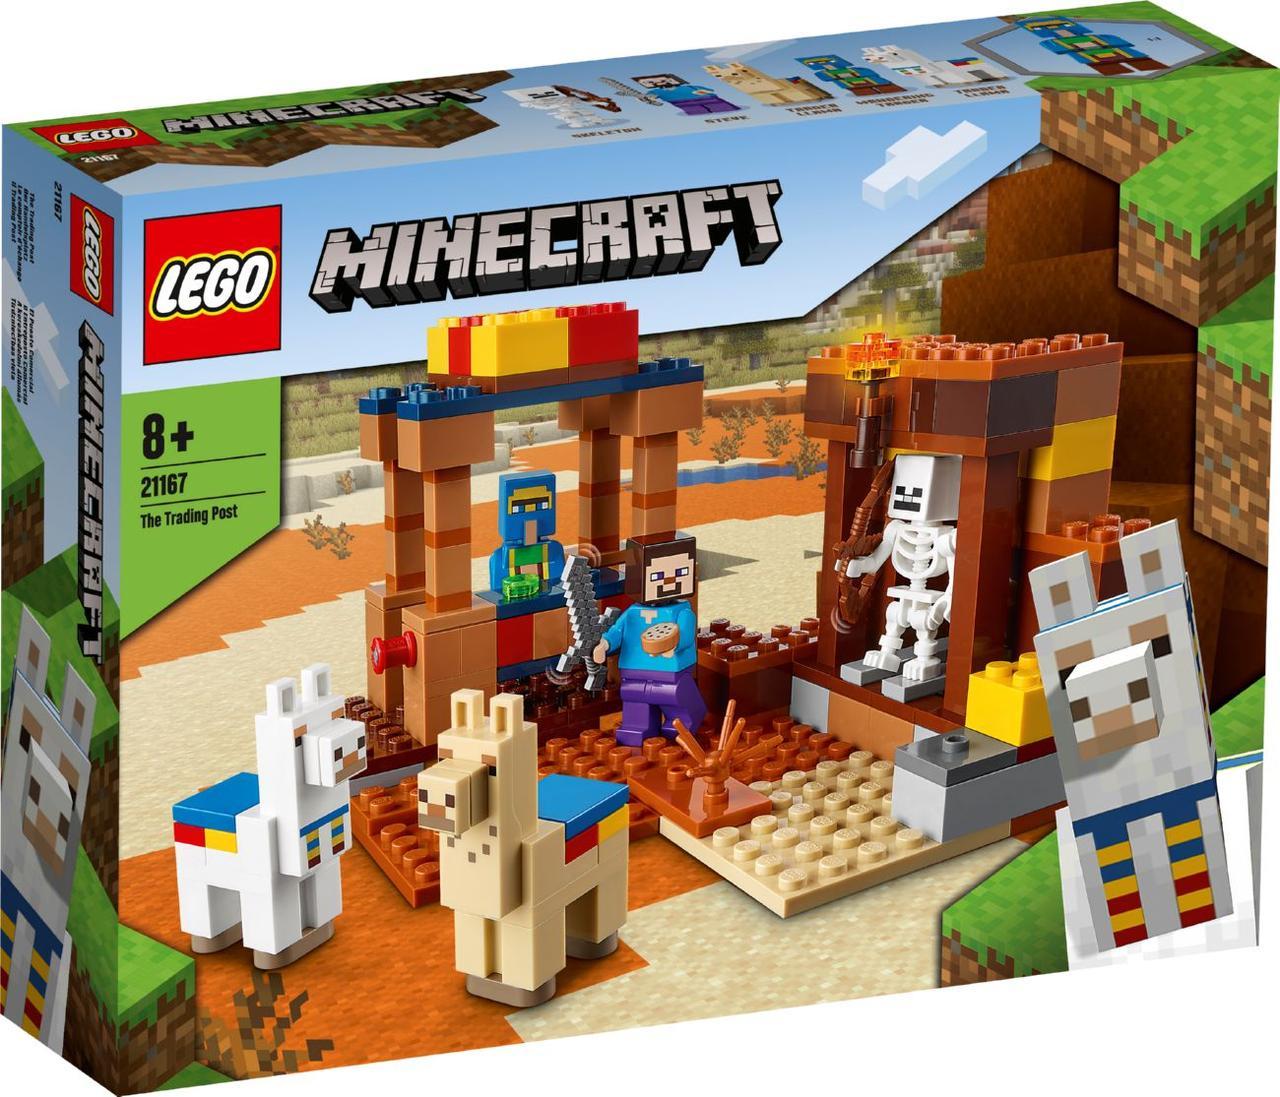 Детский Конструктор Lego Minecraft Торговый пост 21167